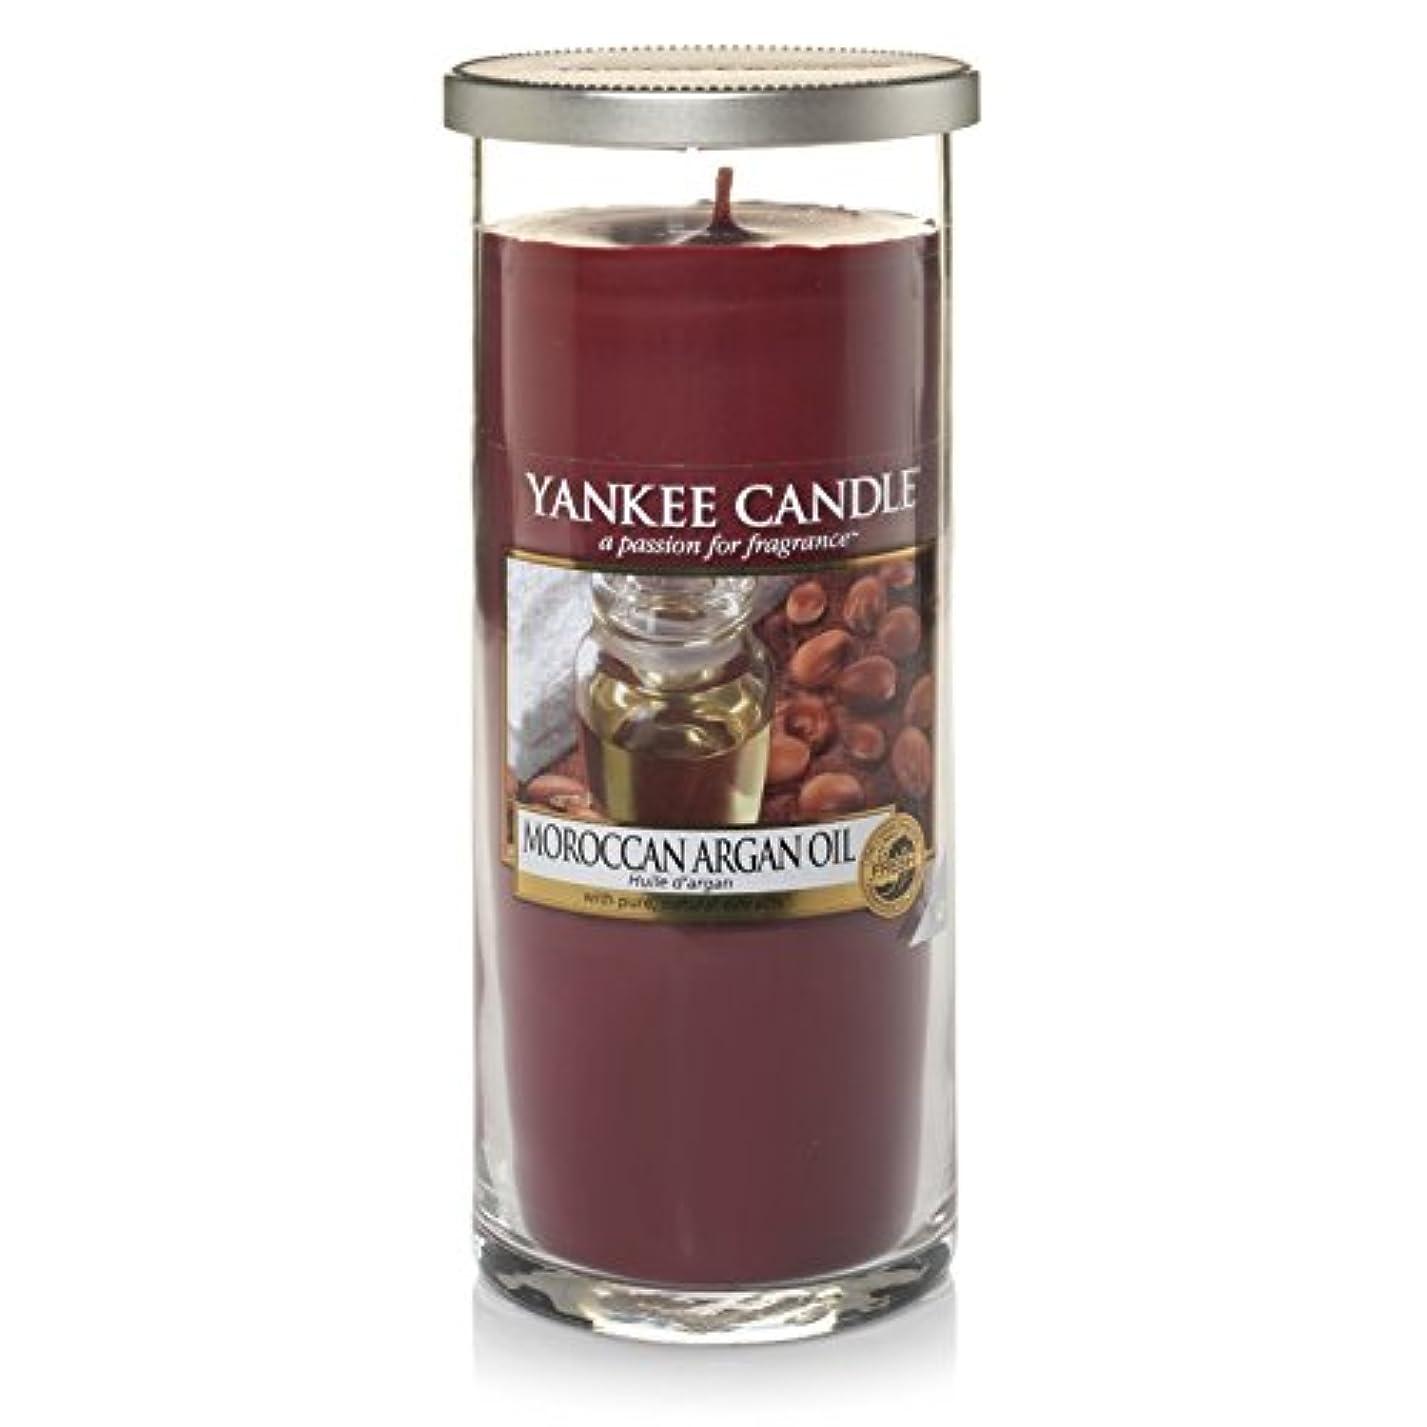 革新水っぽい書道Yankee Candles Large Pillar Candle - Moroccan Argan Oil (Pack of 6) - ヤンキーキャンドル大きな柱キャンドル - モロッコアルガンオイル (x6) [並行輸入品]